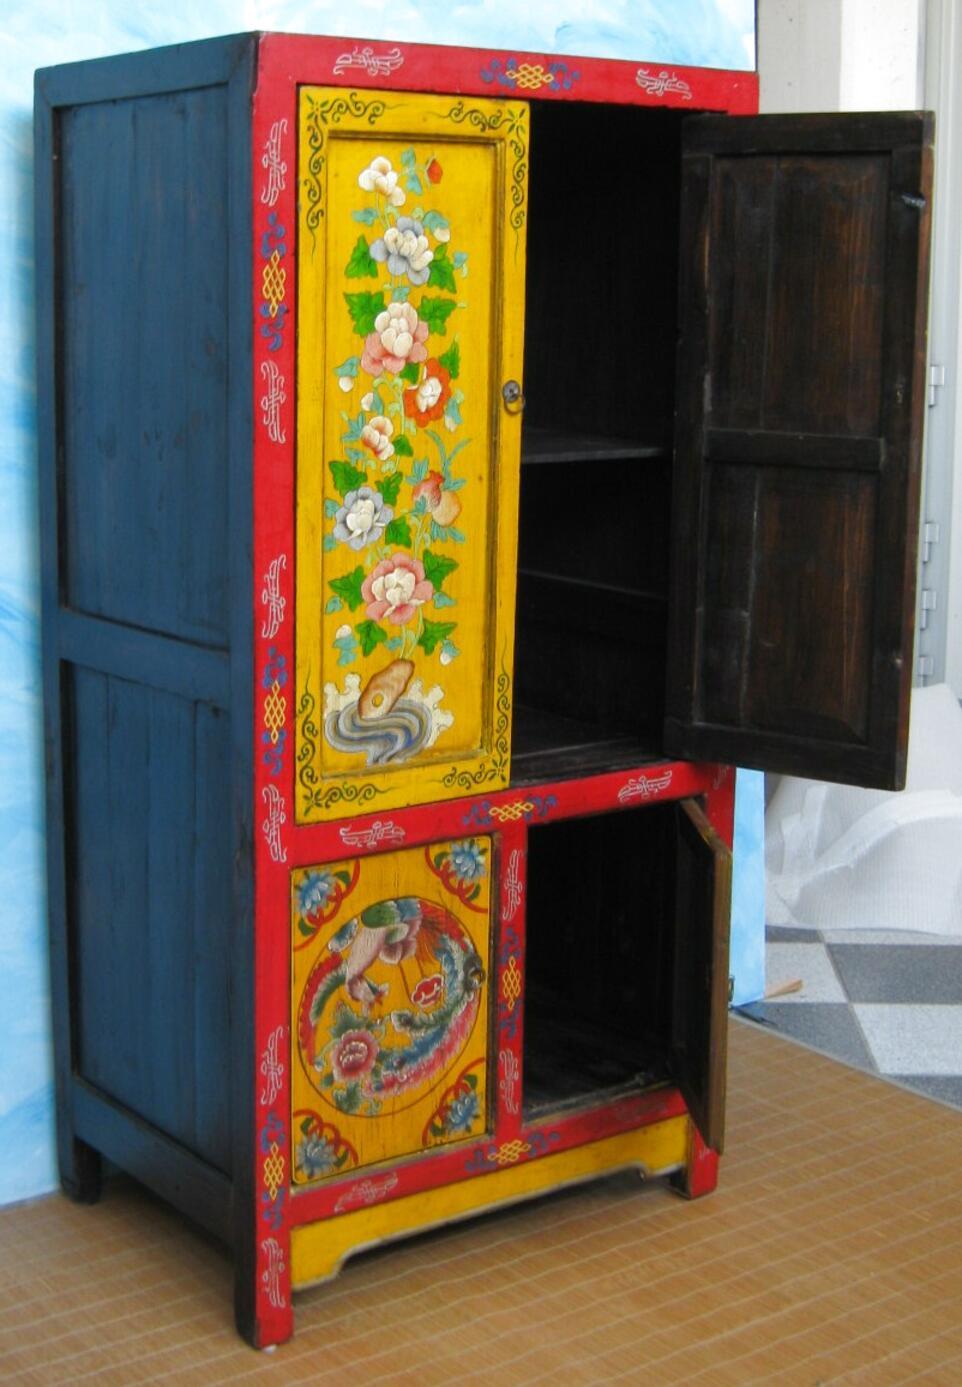 Spesso i pezzi sono unici, lavorati con particolari tecniche da artigiani che creano di volta in volta rifacendosi comunque alla tradizione. Mobili Etnici Lombardia Usato In Italia Vedi Tutte I 10 Prezzi